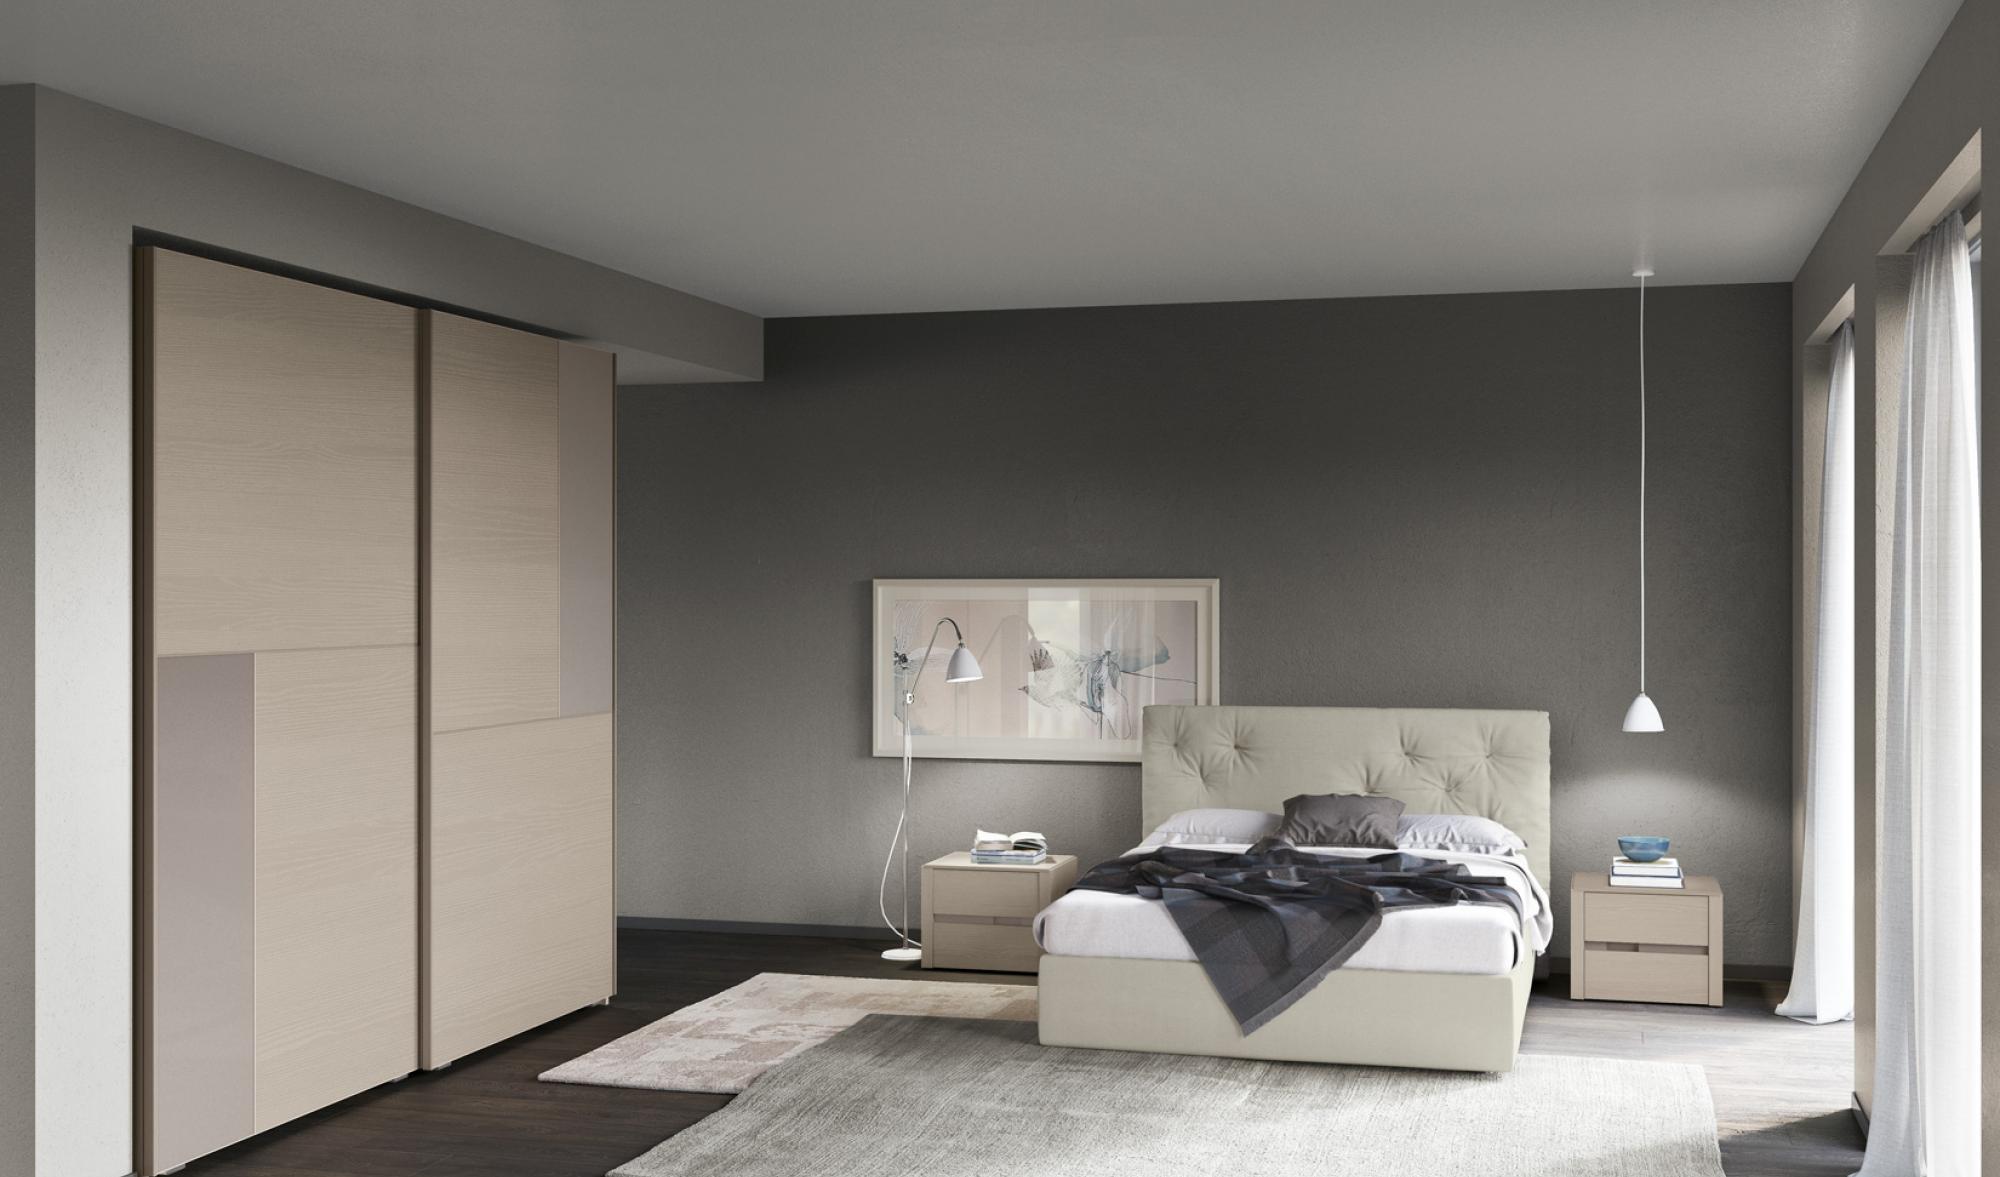 Camere da letto colombini vitalyty arredo spazio casa - Camere da letto modernissime ...